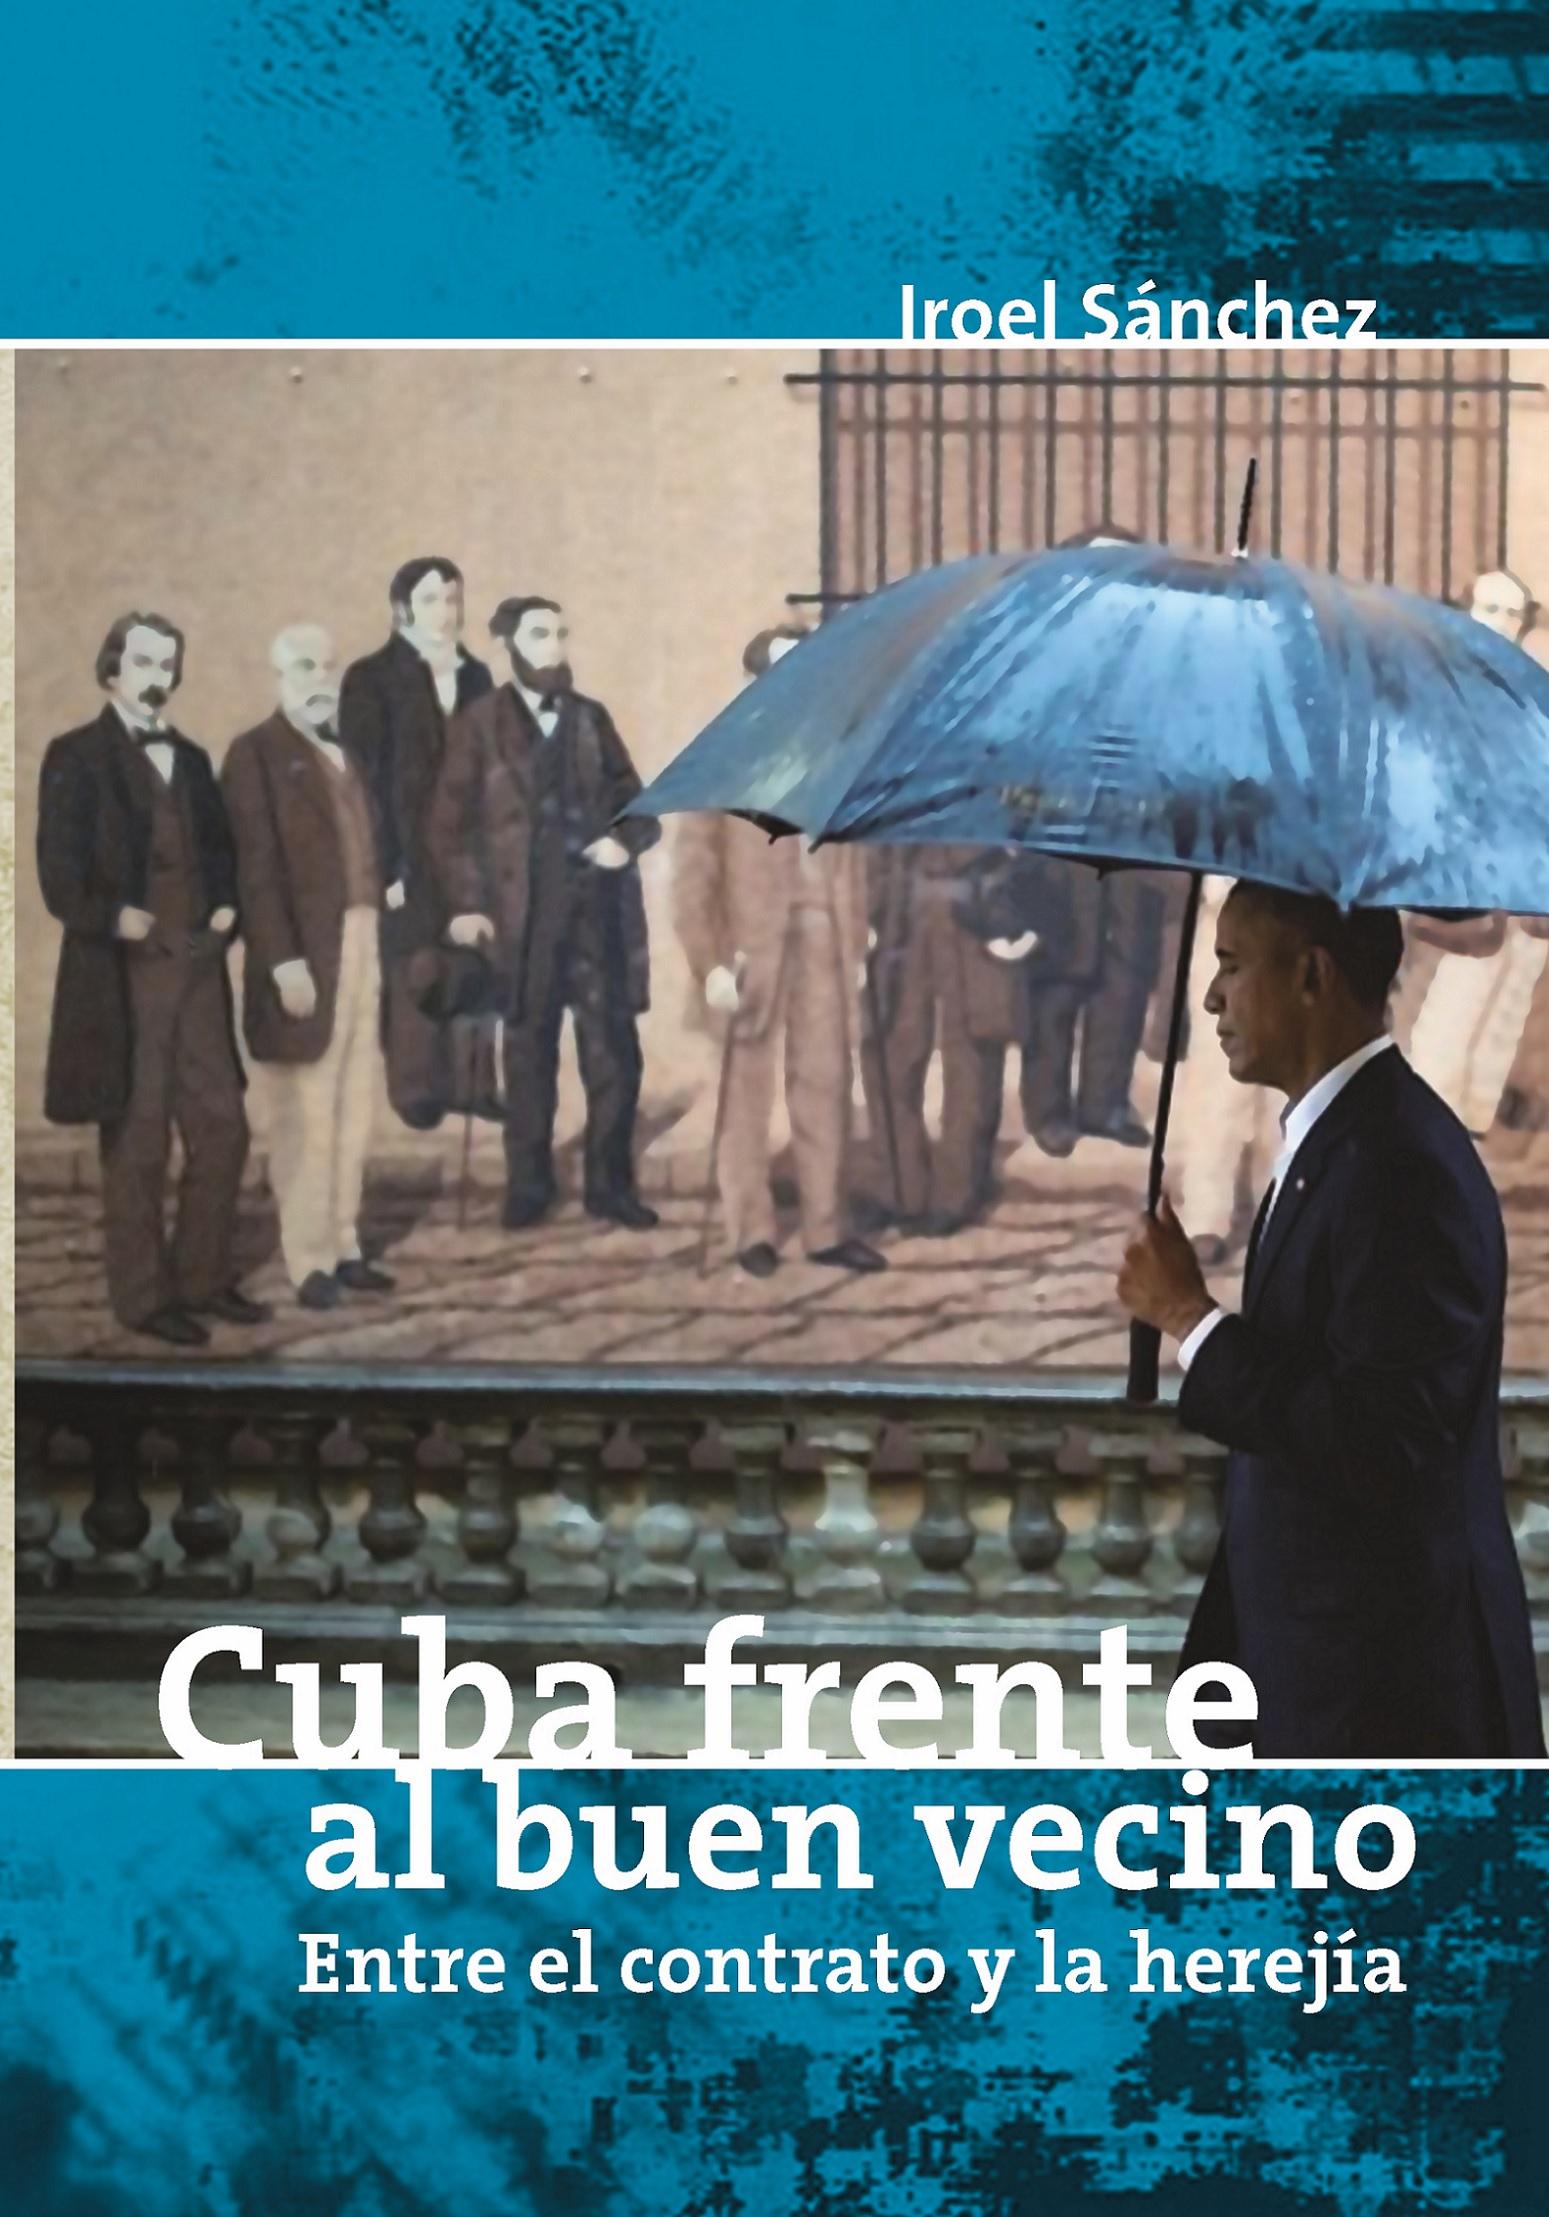 """Libro """"Cuba frente al buen vecino. Entre el contrato y la herejía"""" en versión digital (PDF)"""